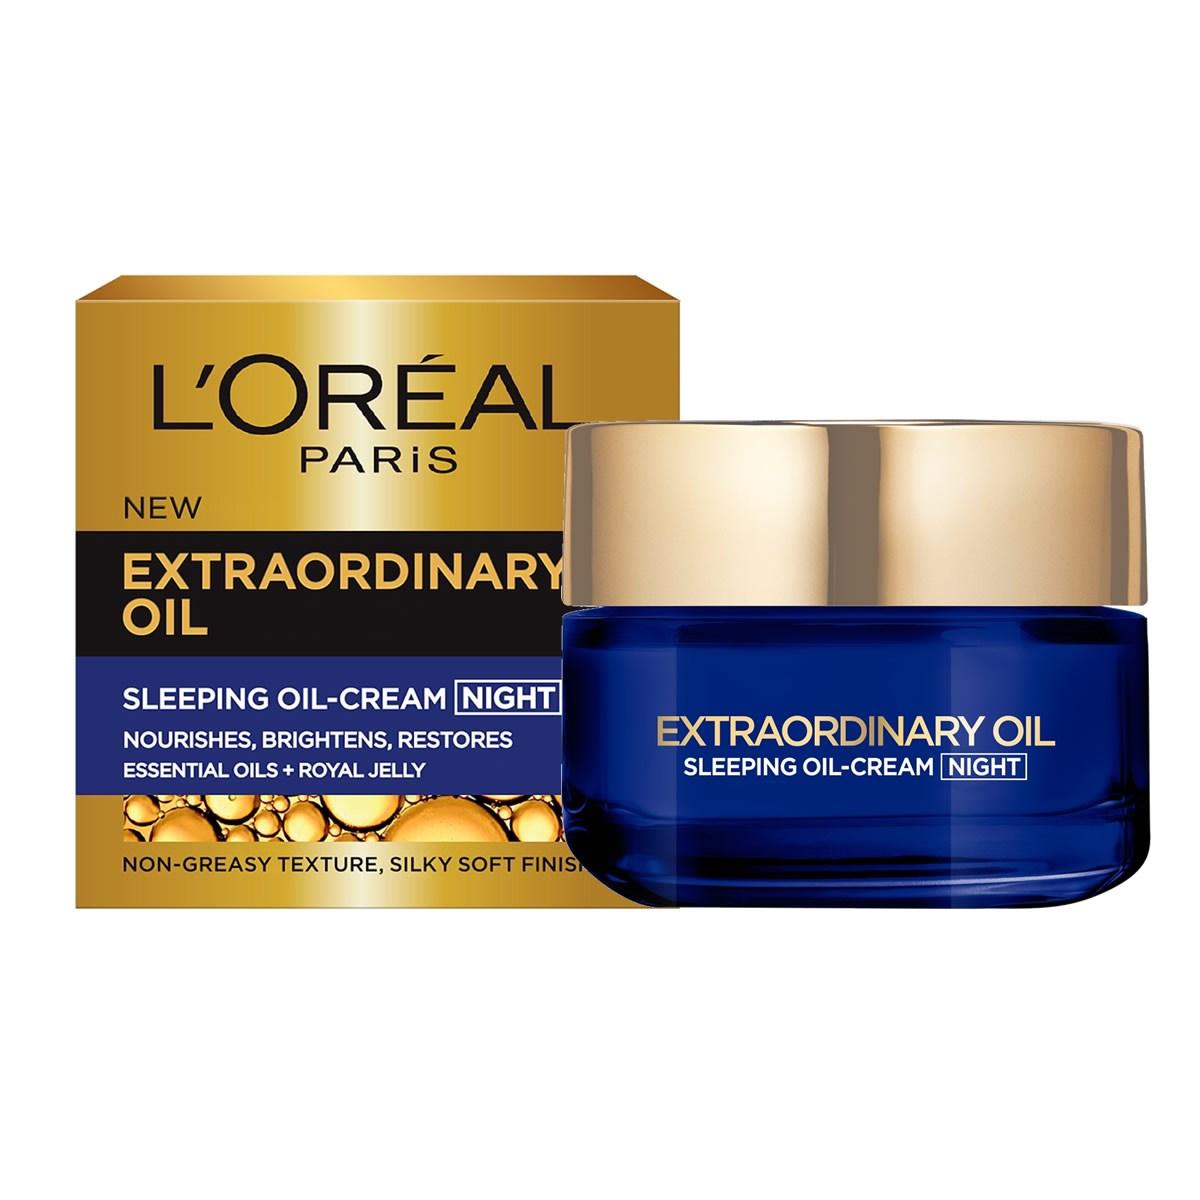 L'Oréal 欧莱雅 睡眠修复滋润精华油晚霜 50ml